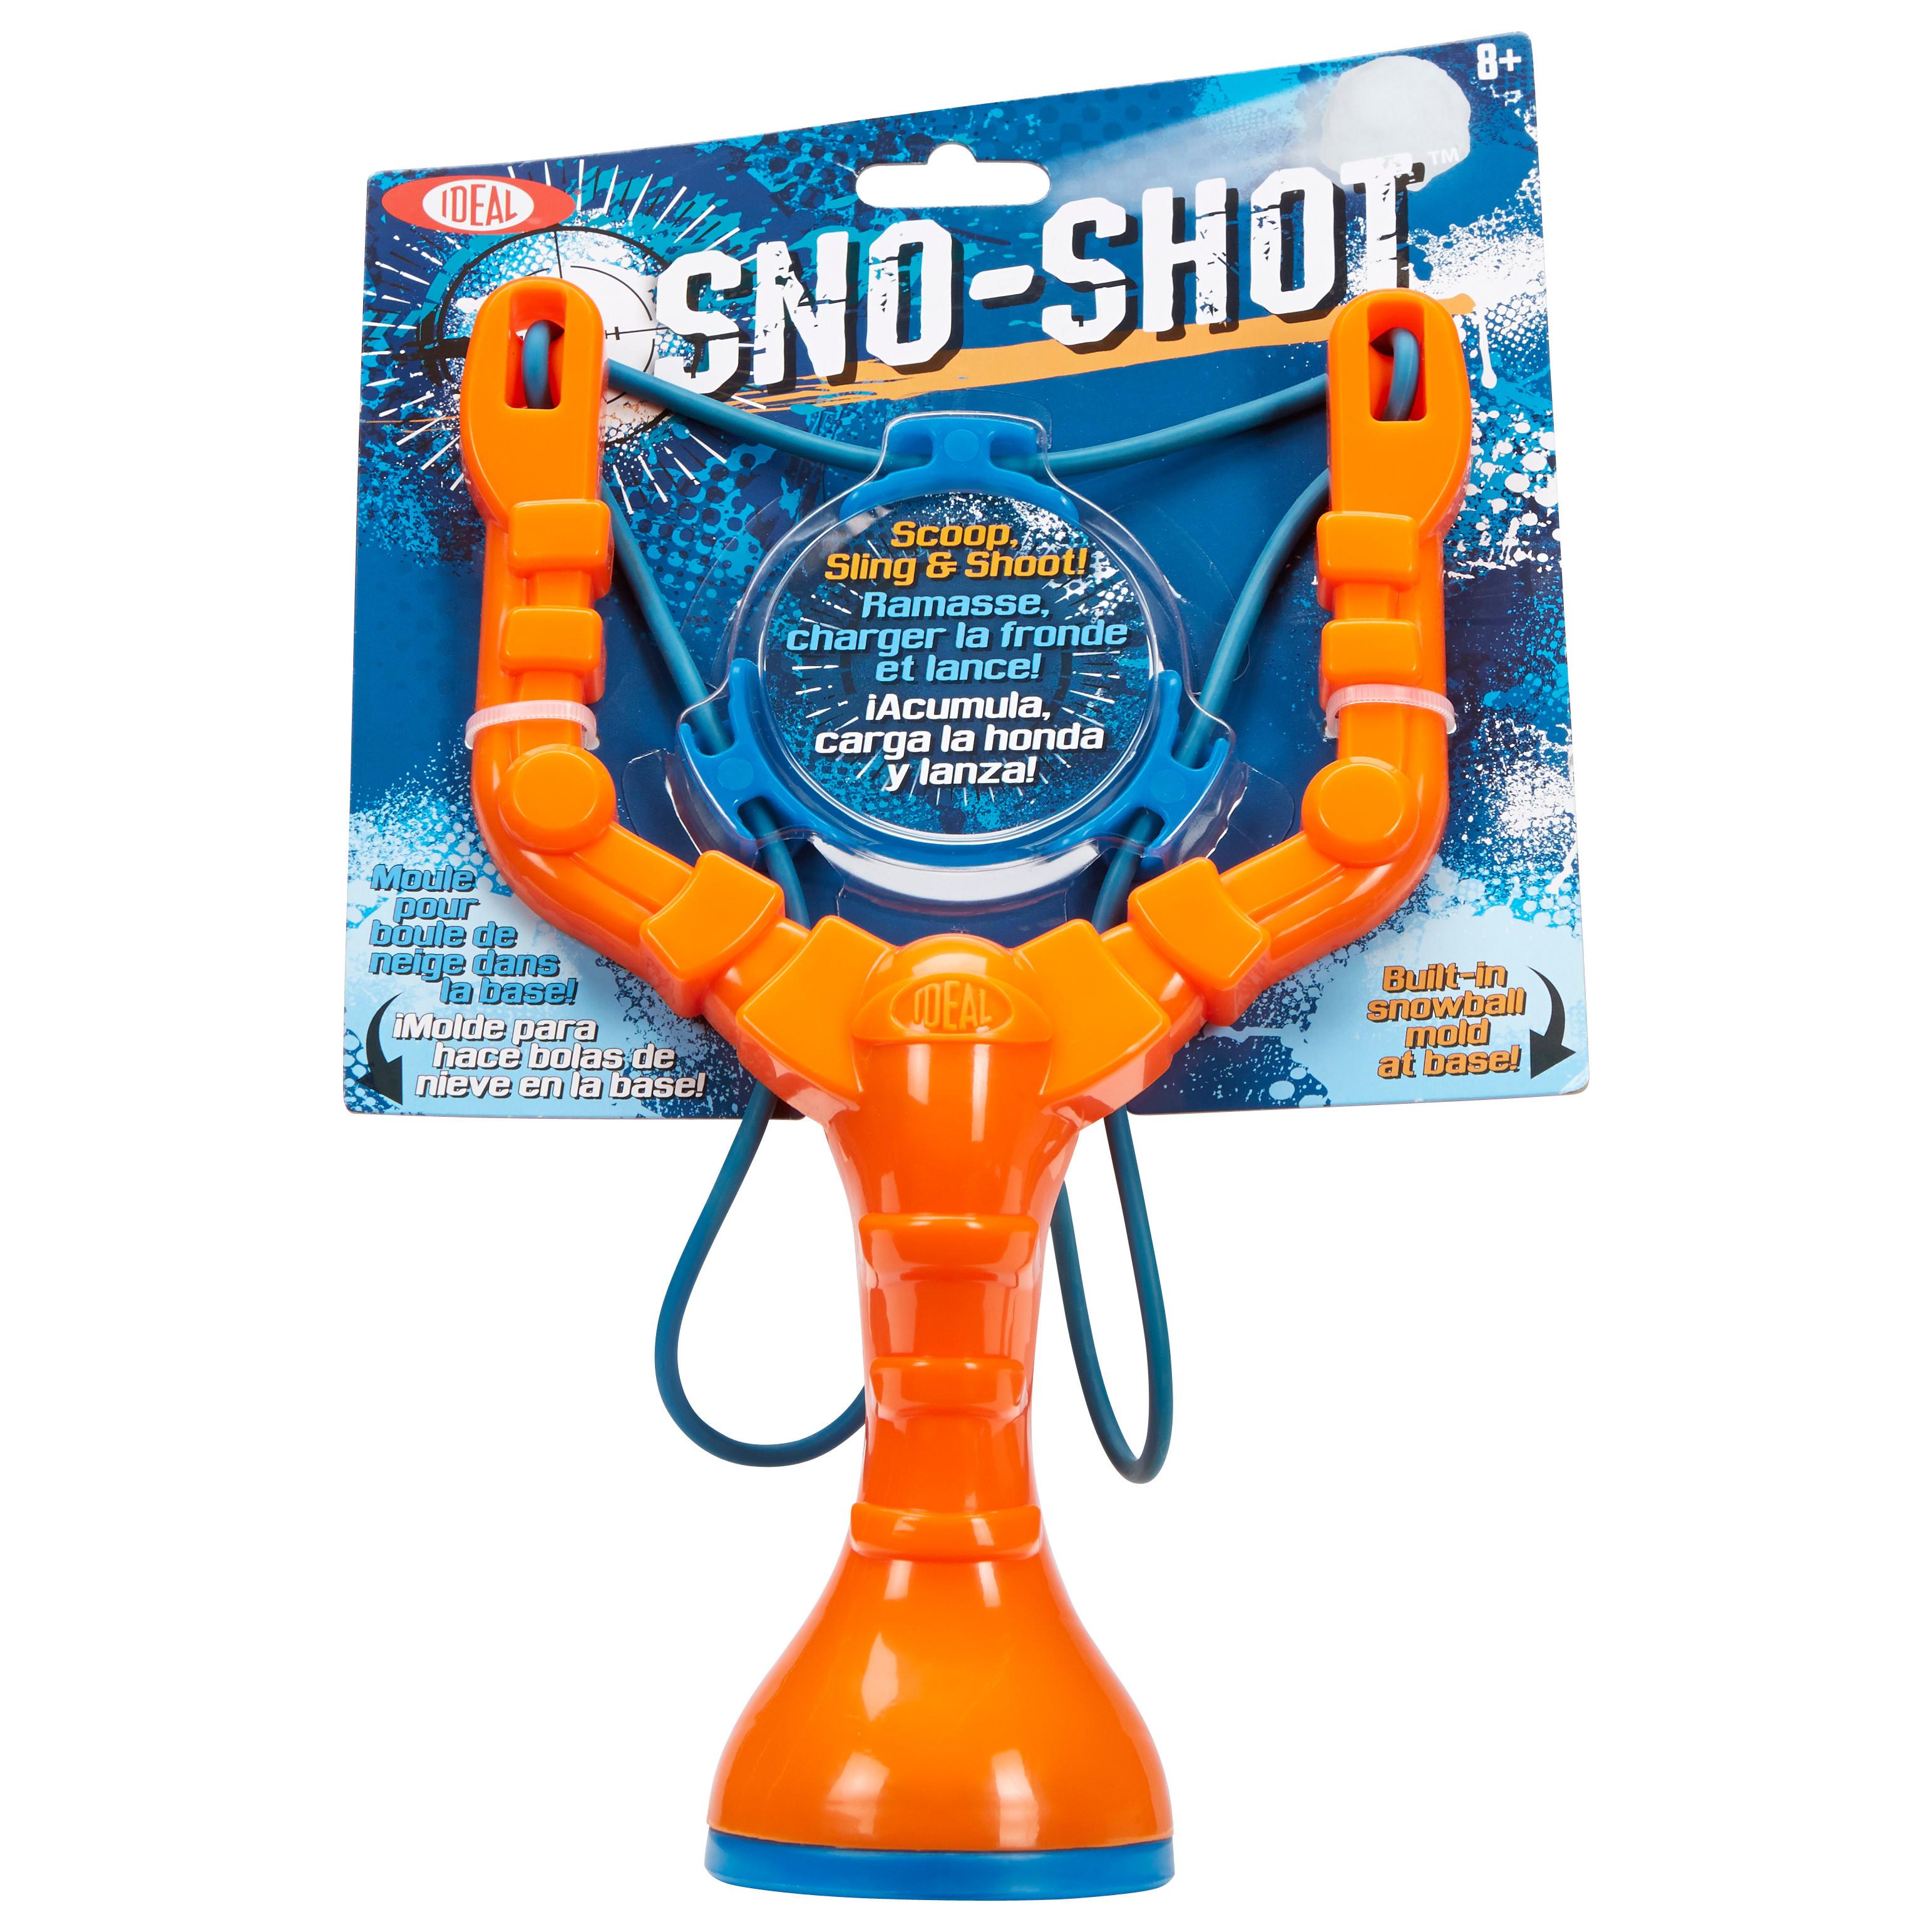 Ideal Sno Toys Sno Shot